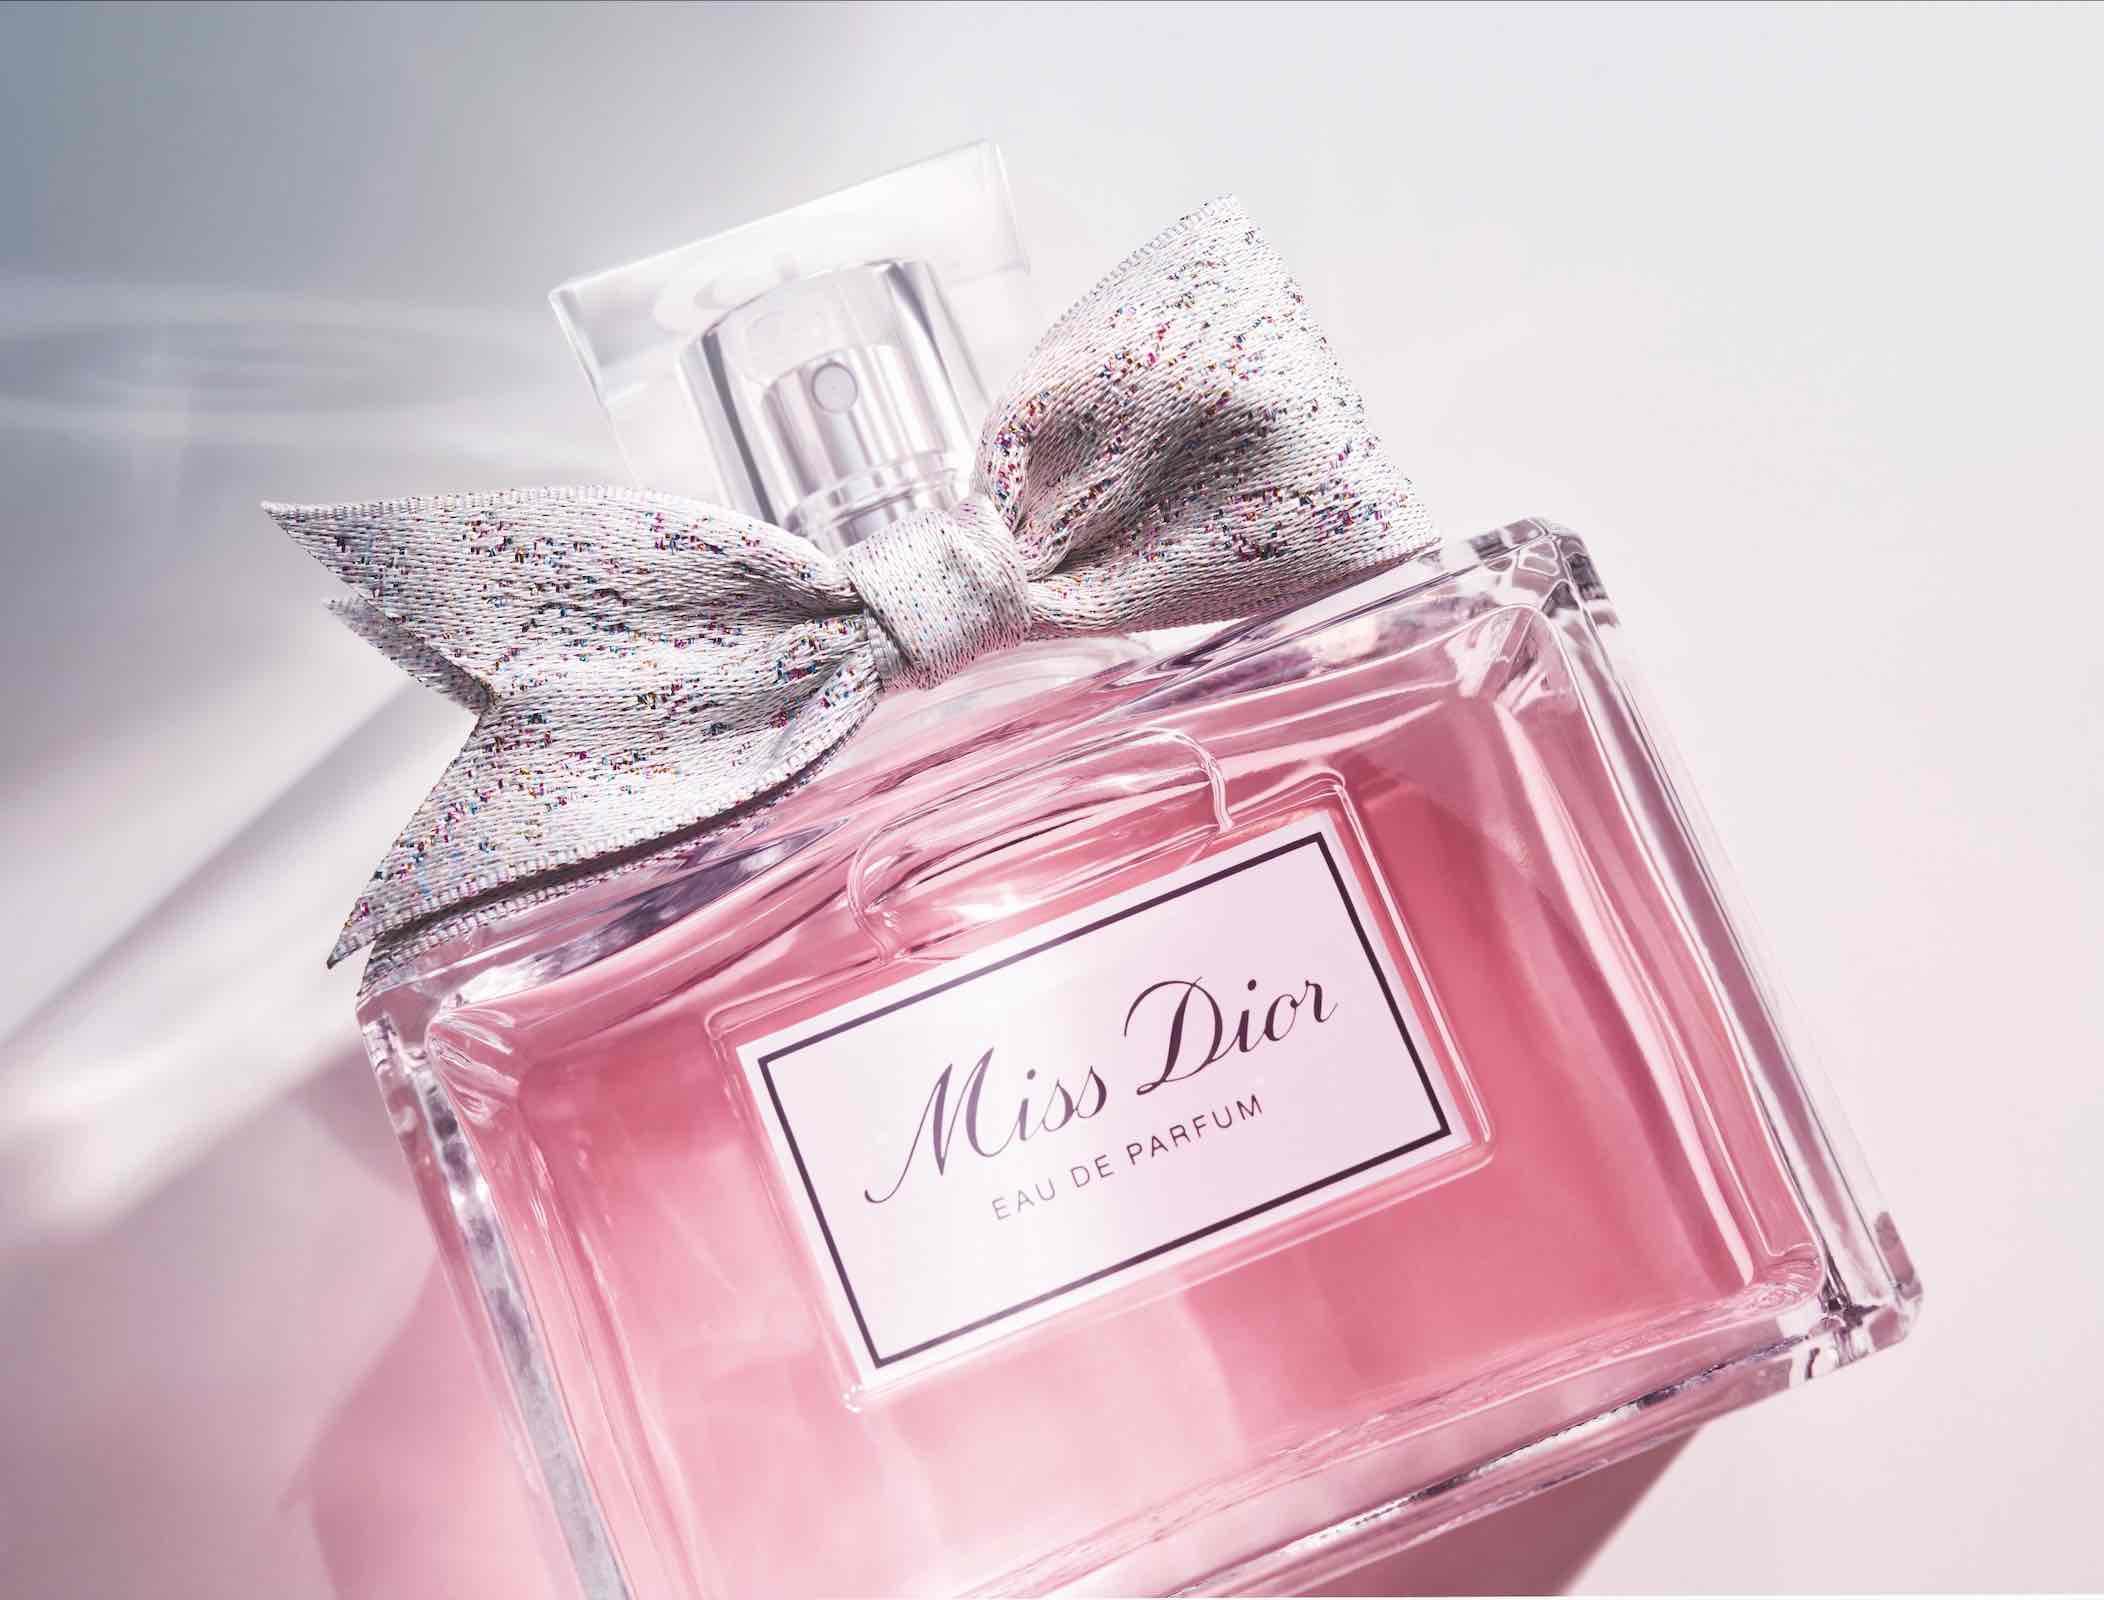 (Foto: Courtesy of Dior)